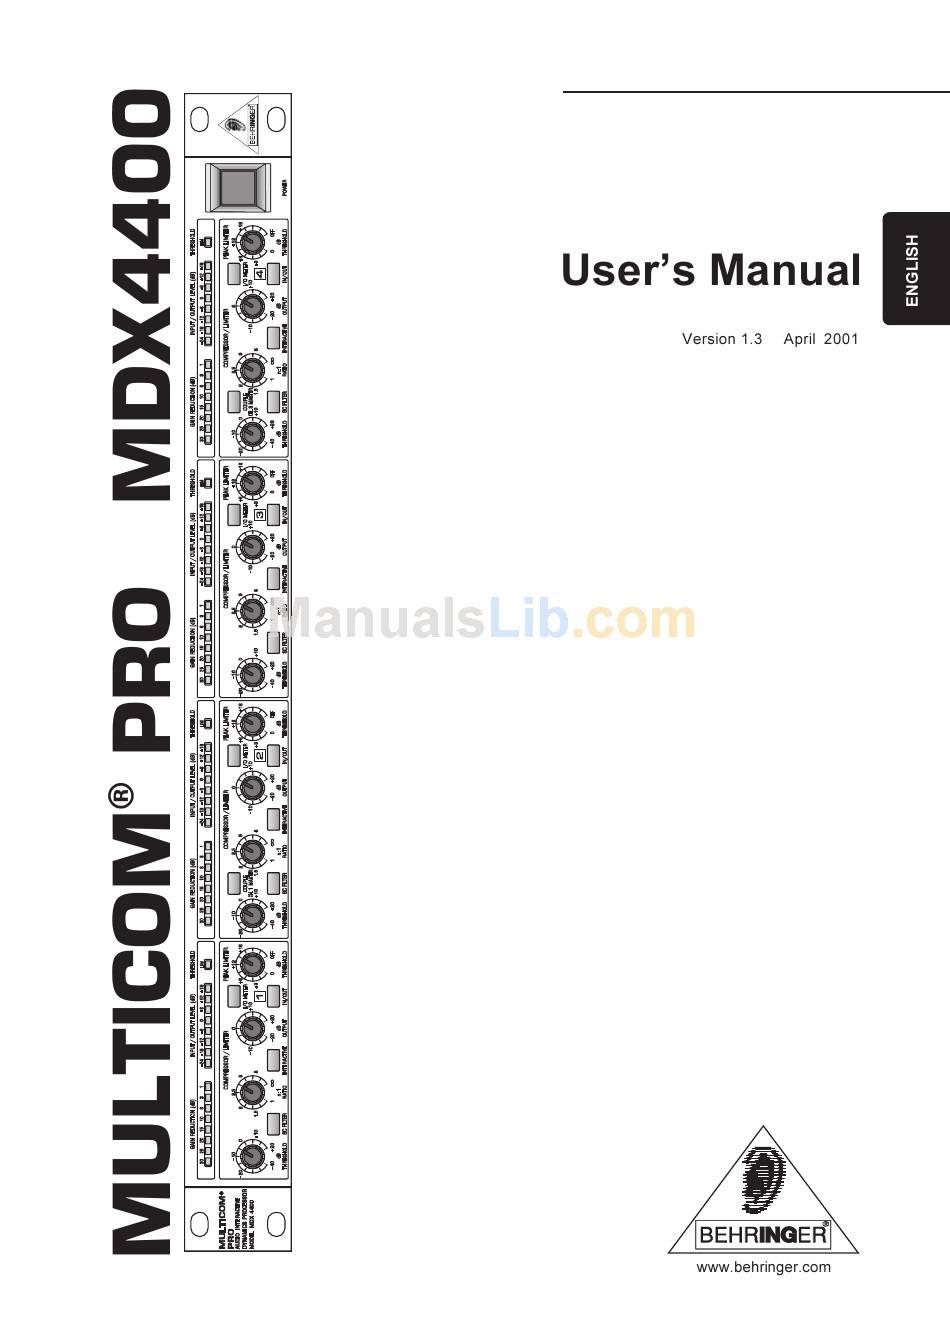 Ktm 990 Service Manual Pdf. Bücher mit PDF Free Downloads